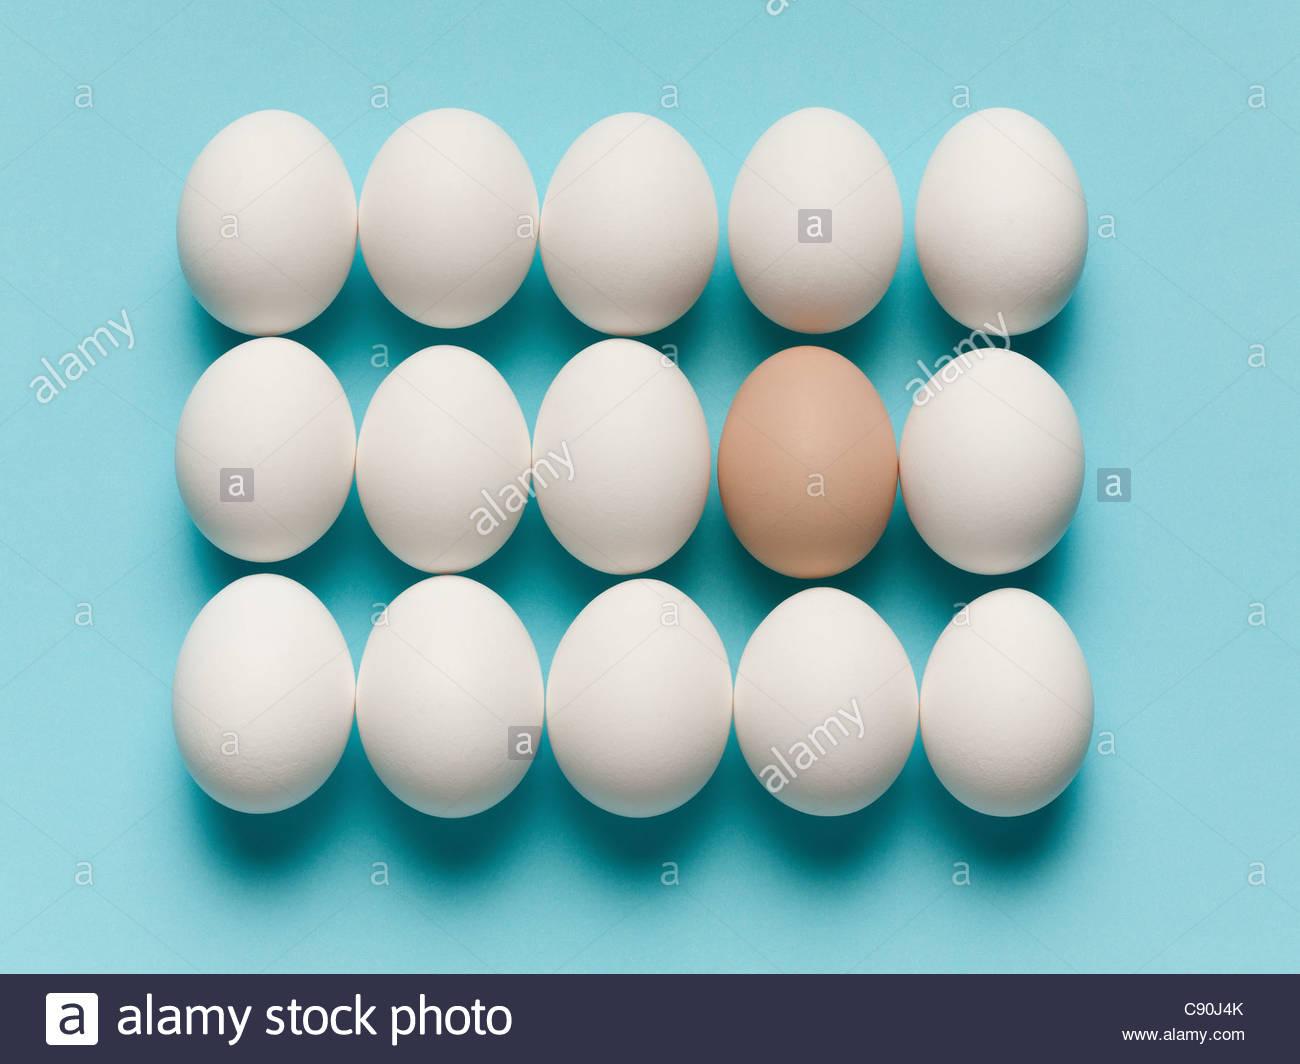 Uovo marrone con grandi le uova bianche Immagini Stock